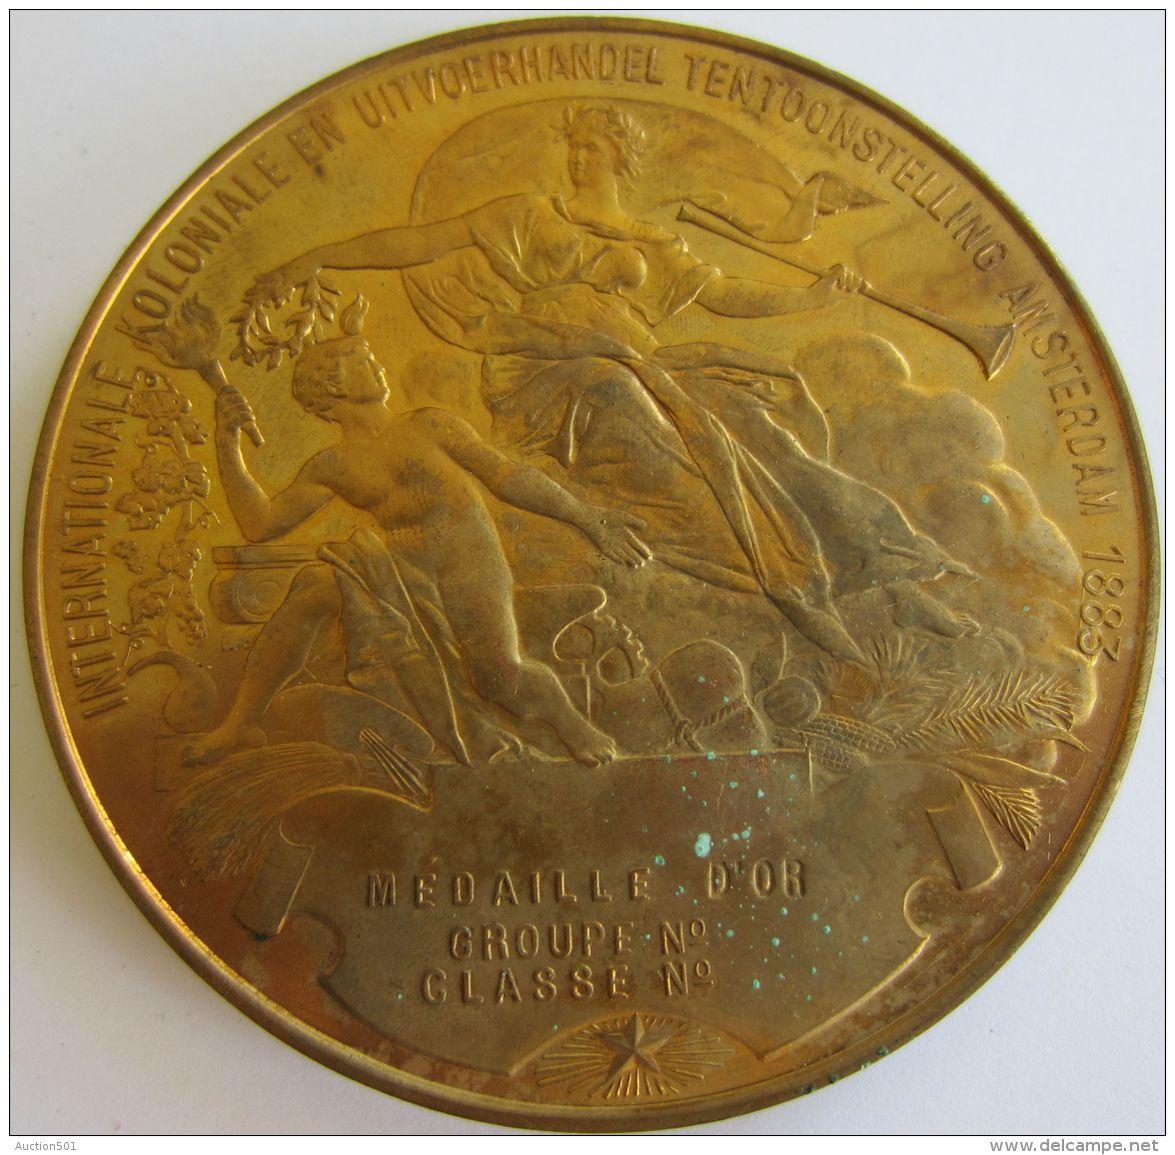 M05124  WILLEM III KONING DER NEDERLANDEN HOOGE BESCHERMHEER VAN DE TENTOONSTELLING - 1883 (136g) Allégories Au Revers - Royaux/De Noblesse